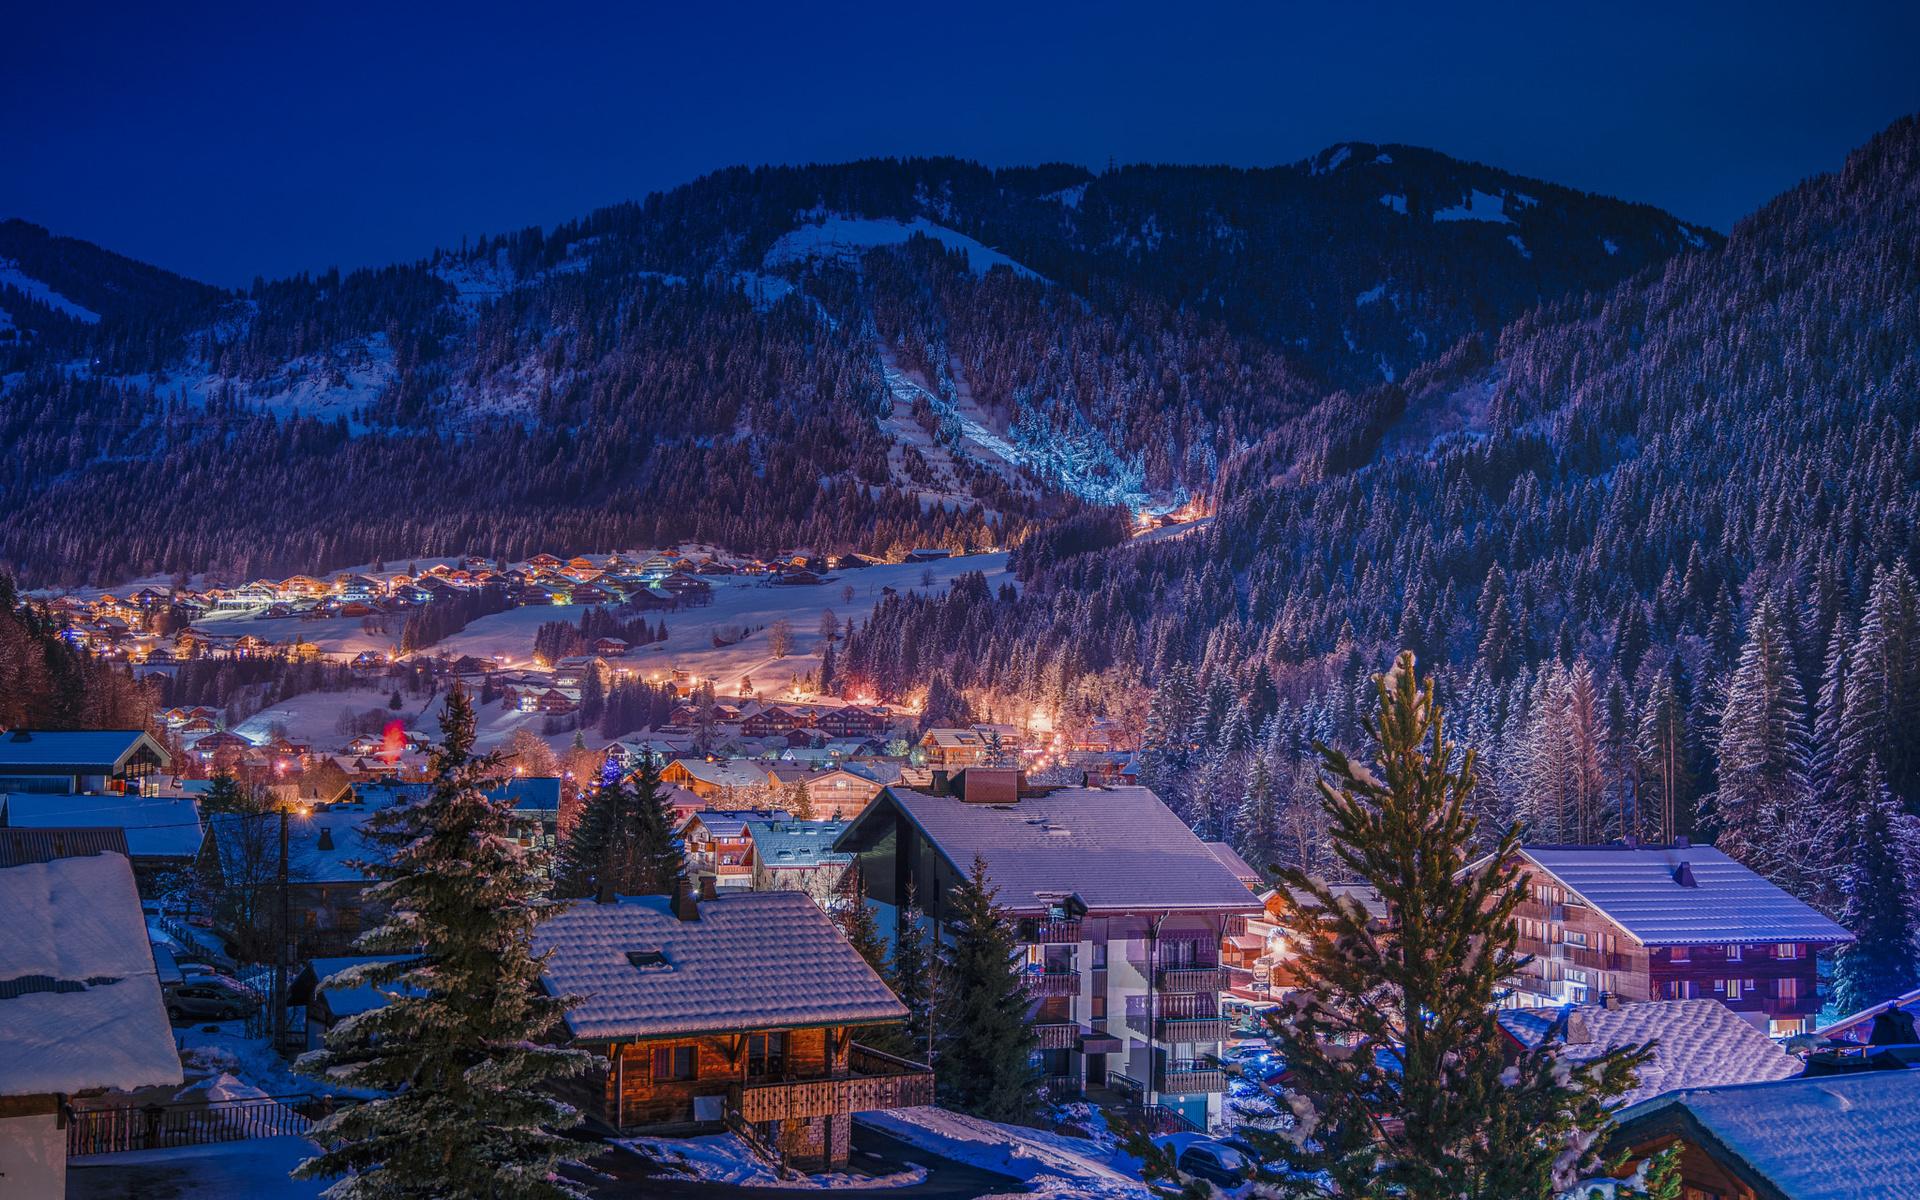 ночь, городок, зима, снег